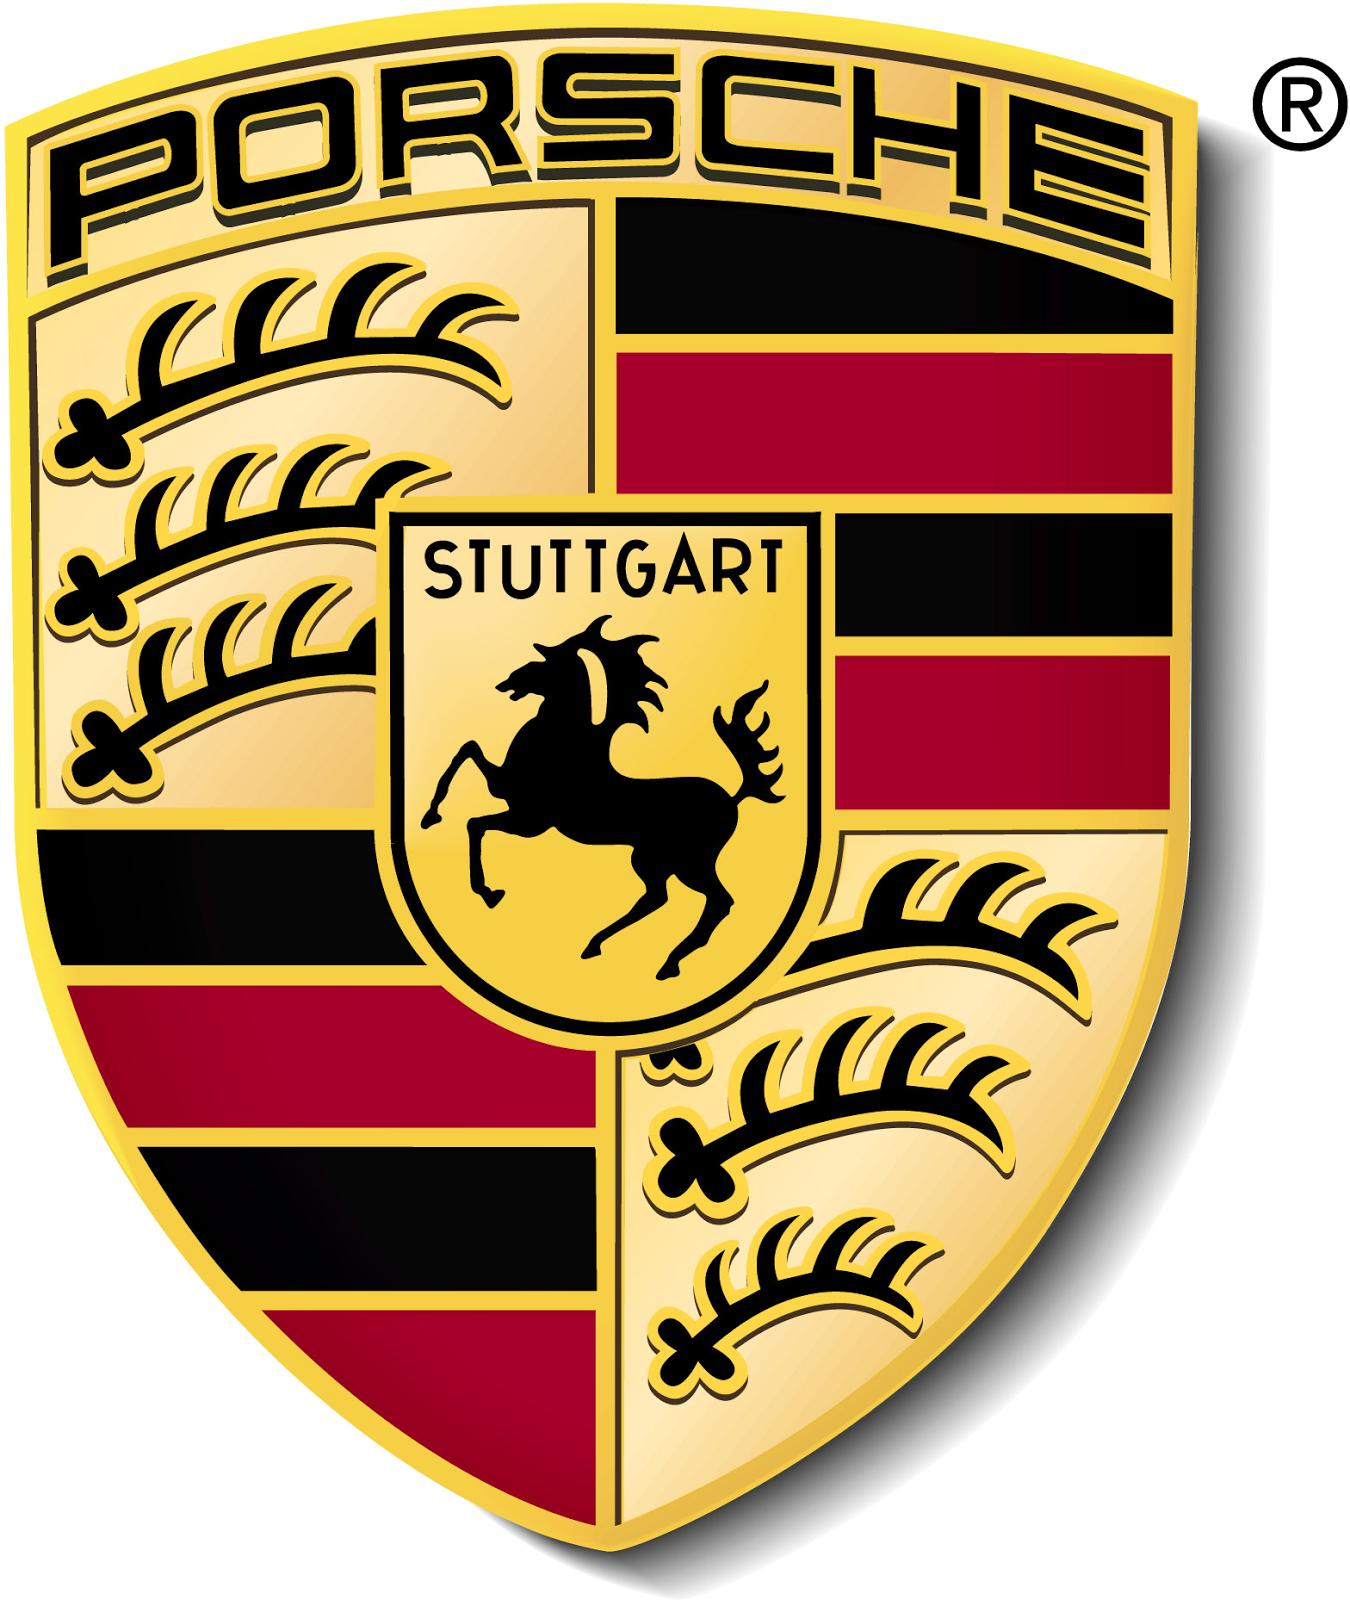 Porsche Car Logos Sport Cars Hd Wallpaper